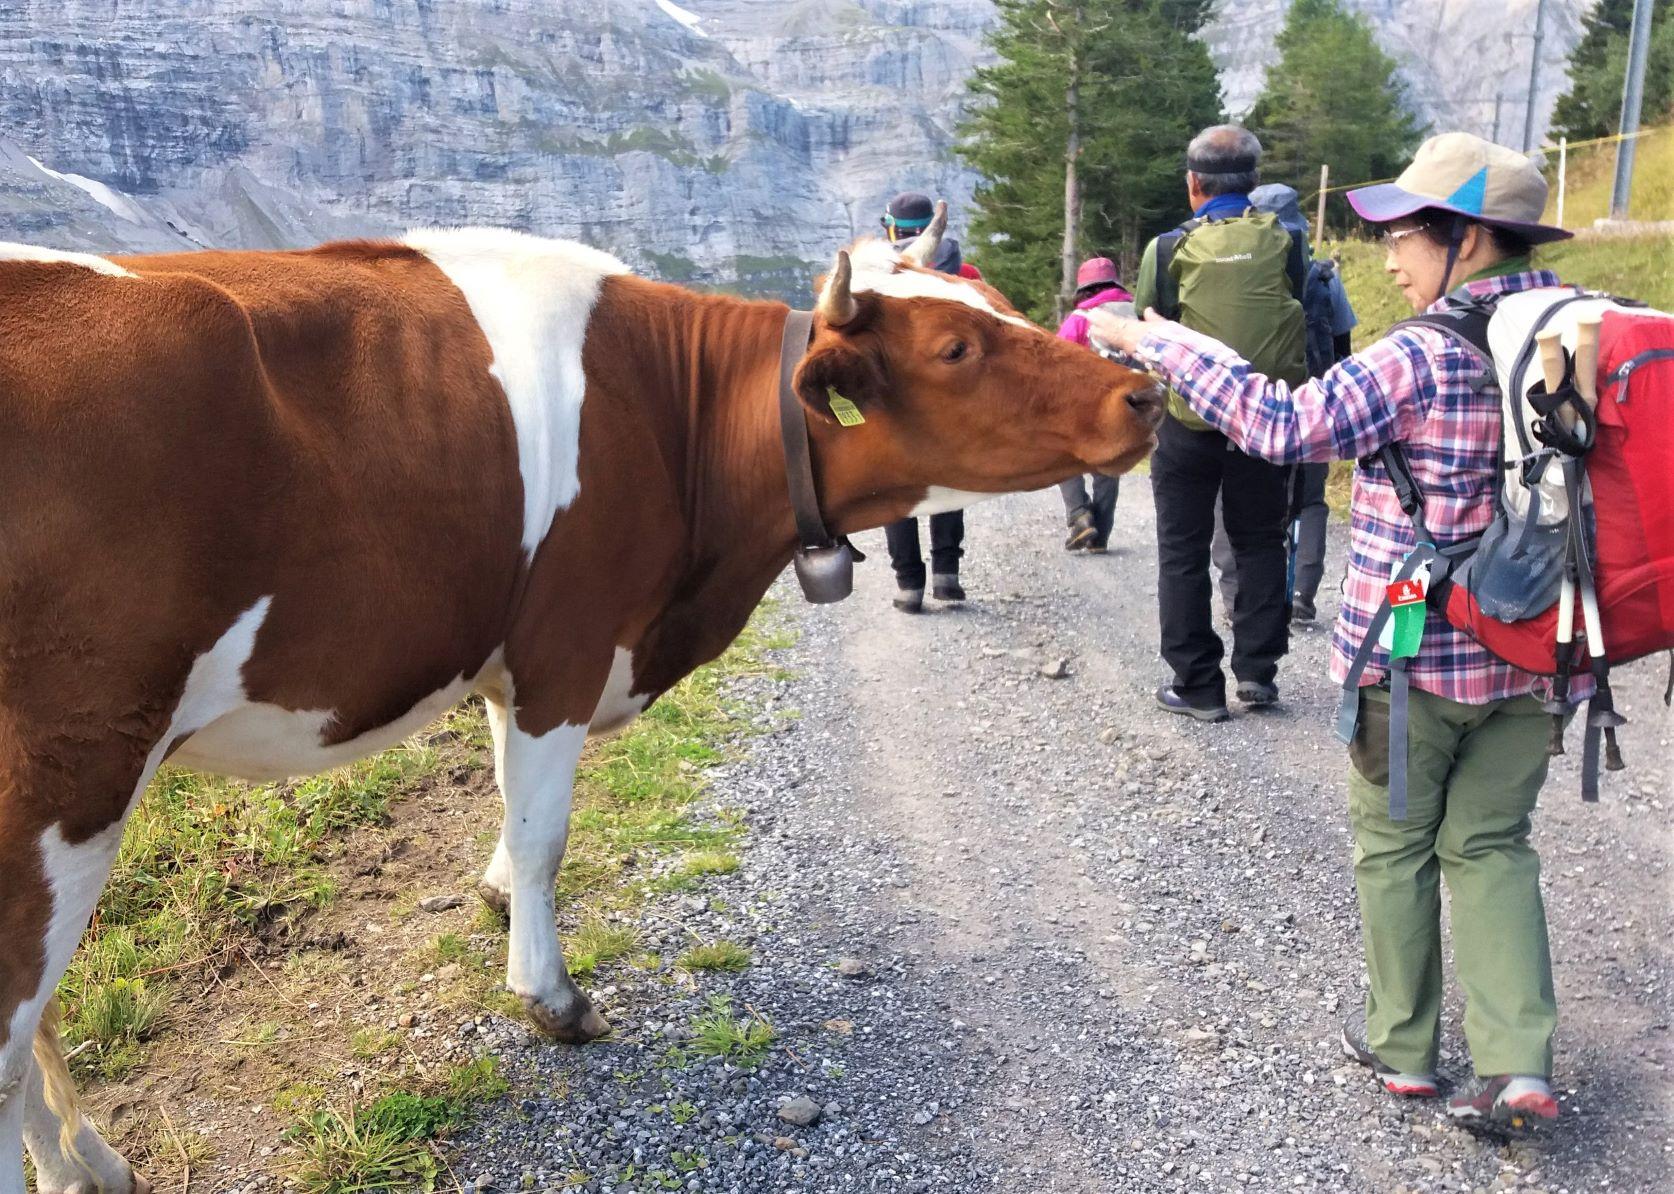 ハイキングの途中で放牧された牛に遭遇